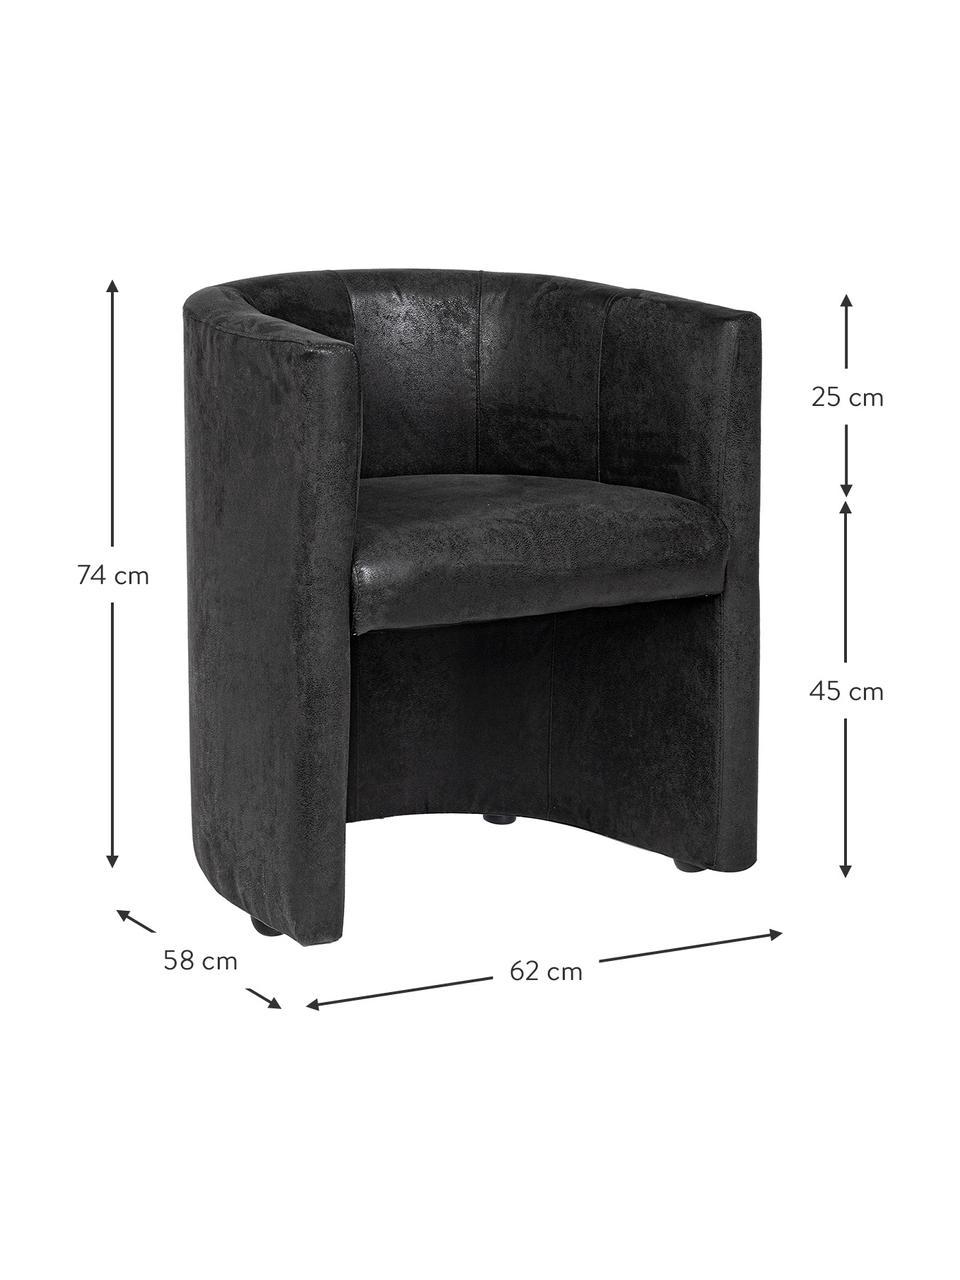 Fotel Corfu, Tapicerka: poliester z imitacją nubu, Nogi: tworzywo sztuczne, drewno, Stelaż: drewno sosnowe, Antracytowy, S 62 x G 58 cm